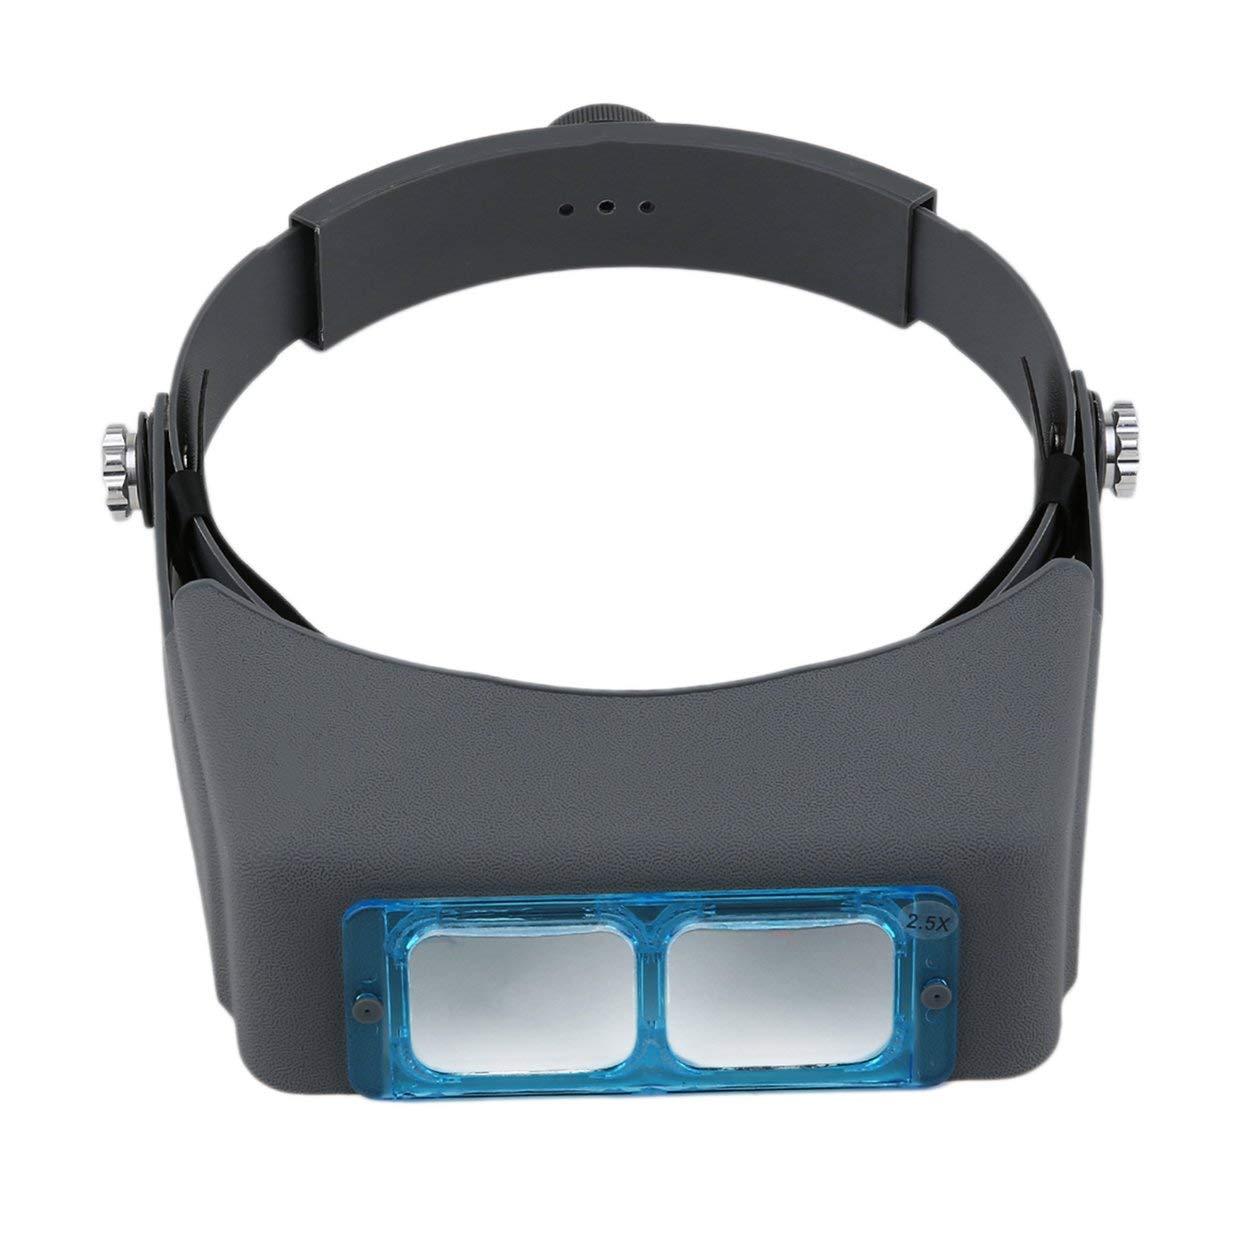 Dailyinshop Casco de la Cabeza del Doble de la Lente de la Lupa El Uso de Dispositivos precisa Mejora de la Vista